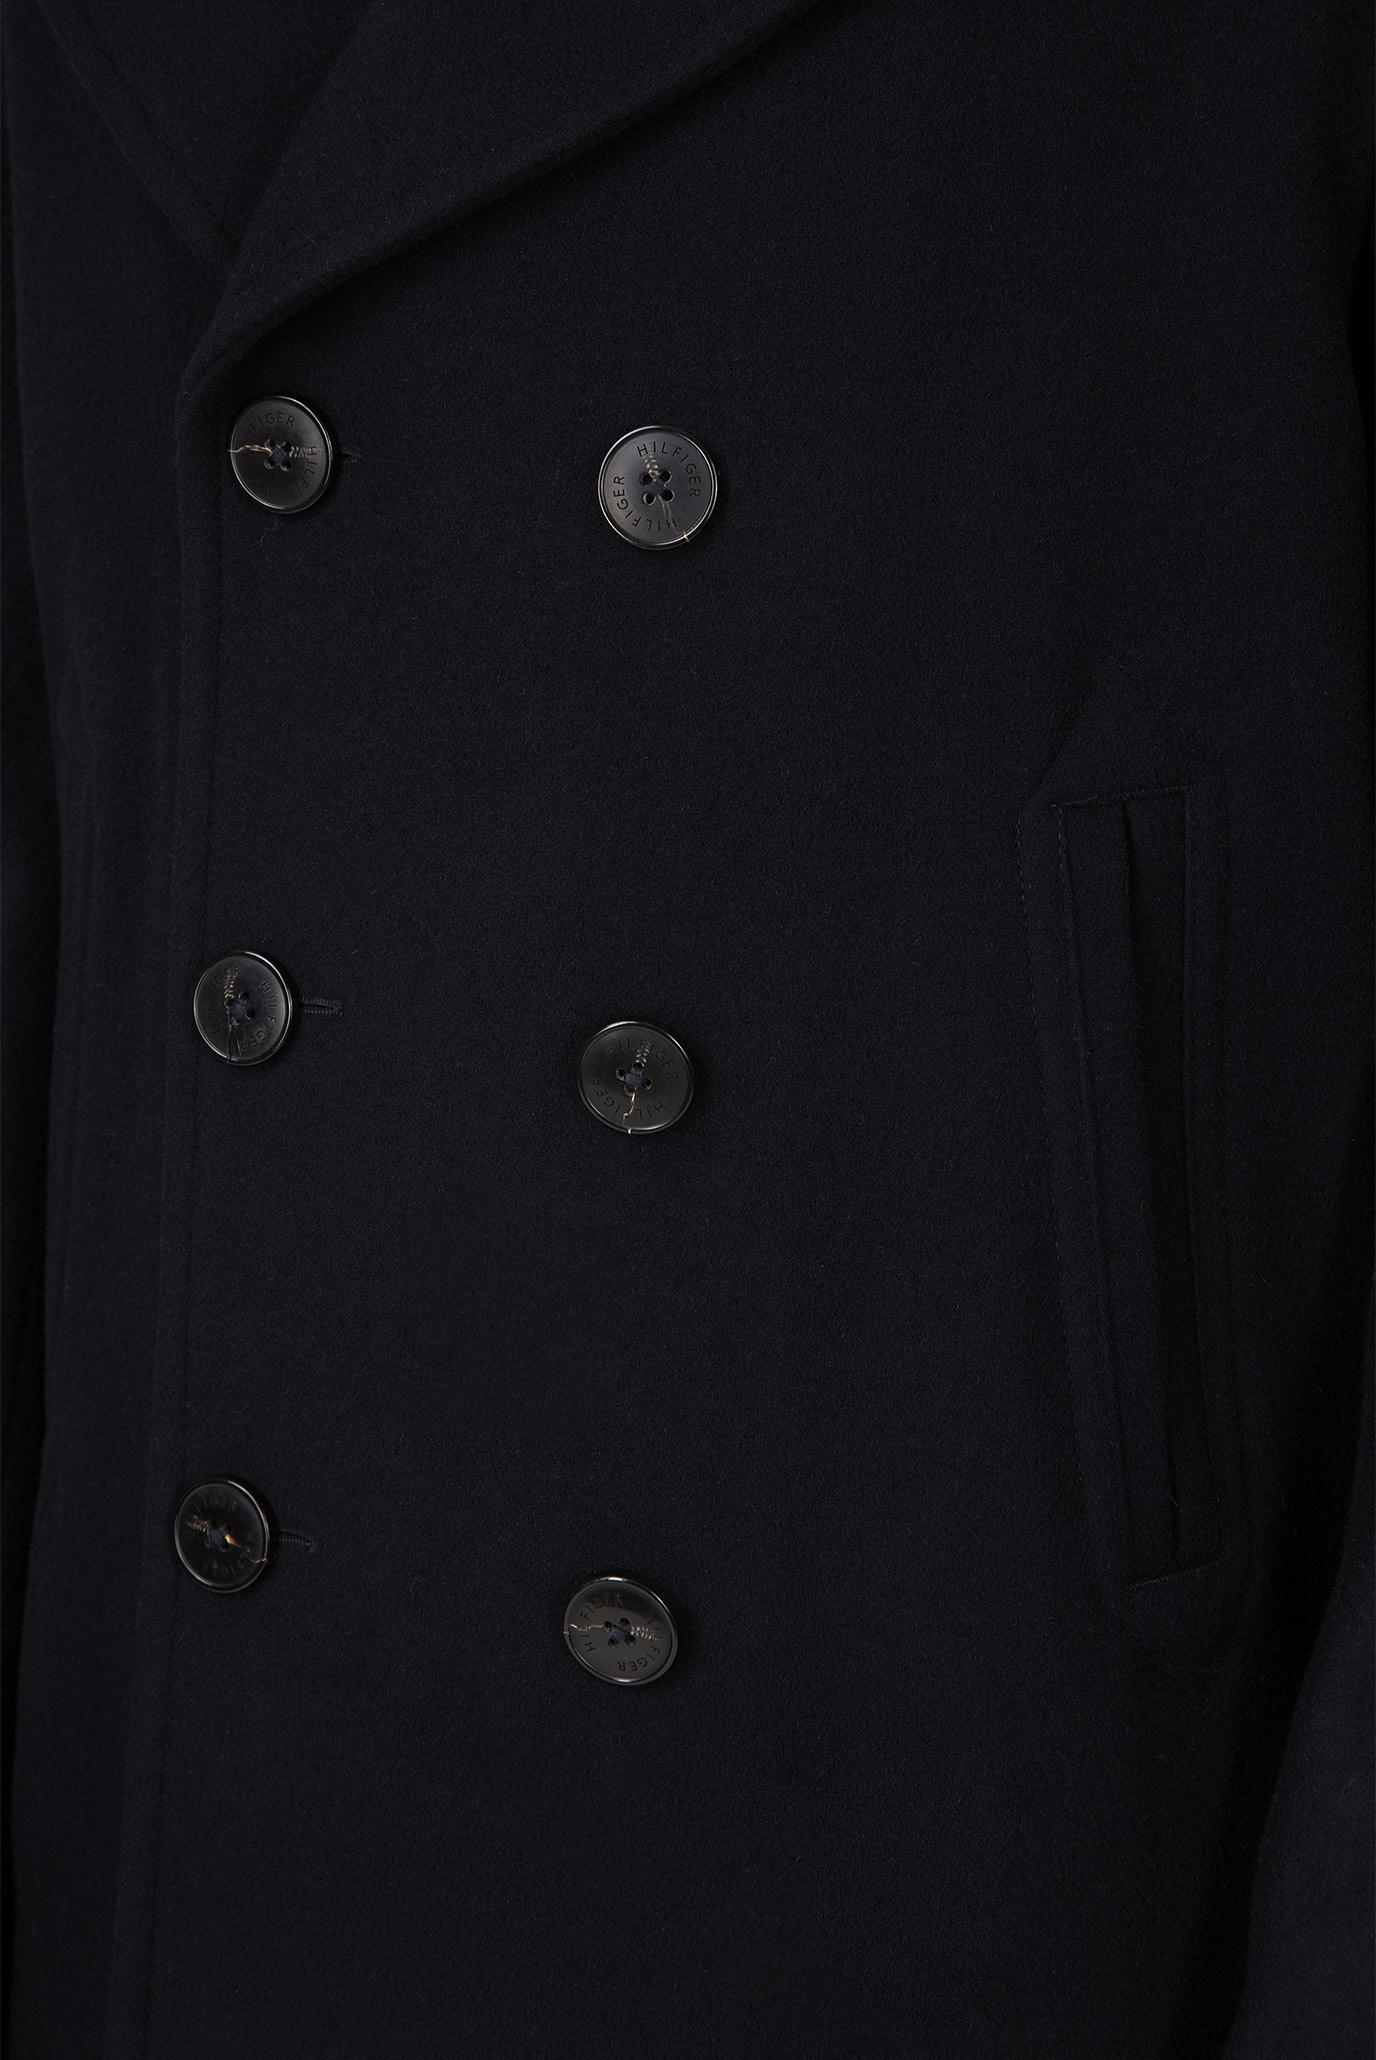 Купить Мужское темно-синее полупальто Tommy Hilfiger Tommy Hilfiger MW0MW08645 – Киев, Украина. Цены в интернет магазине MD Fashion